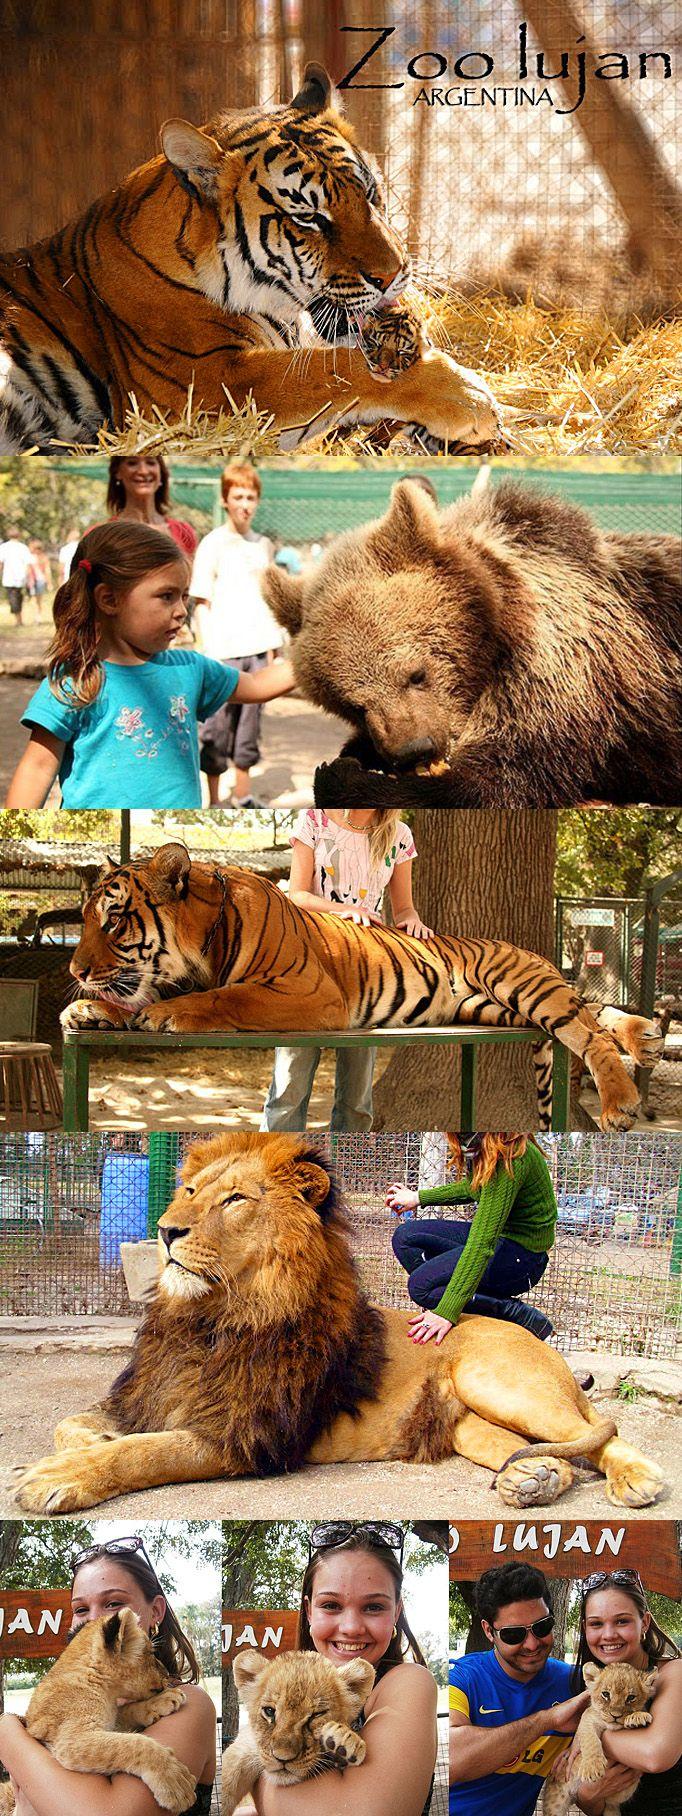 Zoo de Lujan, Argentina - Se você já foi à Argentina e não passou pelo Zoo de Lujan, considere voltar. É uma experiência fantástica. Nunca imaginei tocar em um tigre.